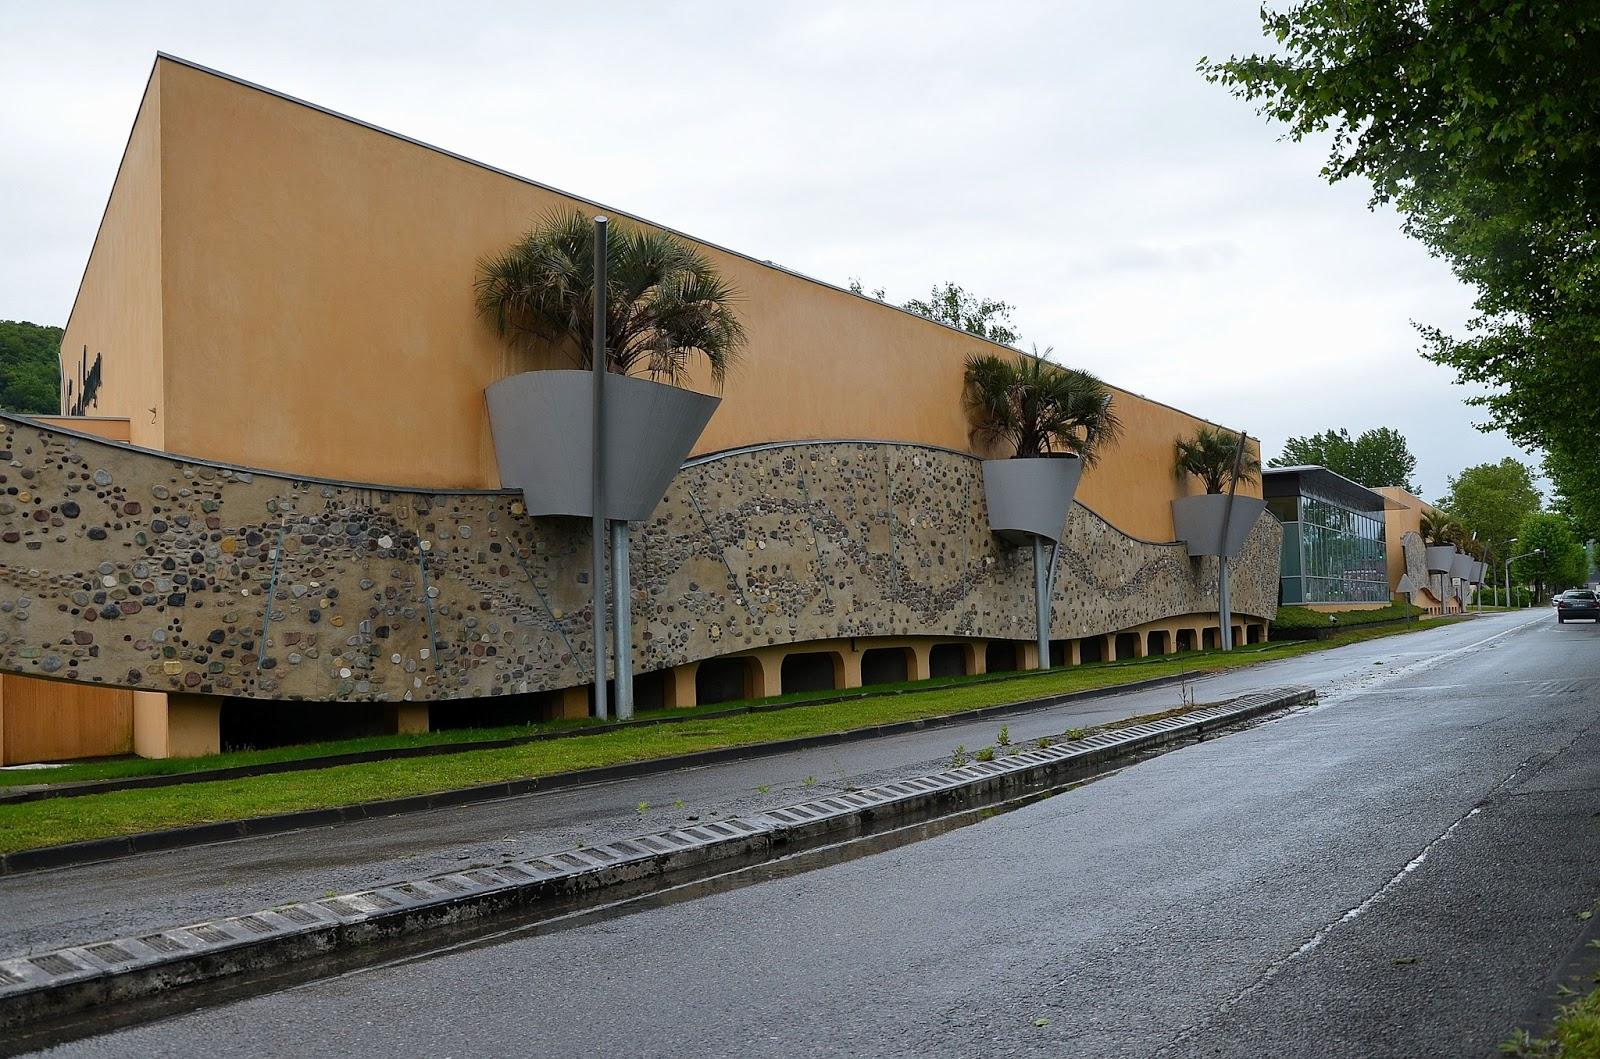 Centro de estudios borjanos im genes de juran on - Bodegas modernas ...